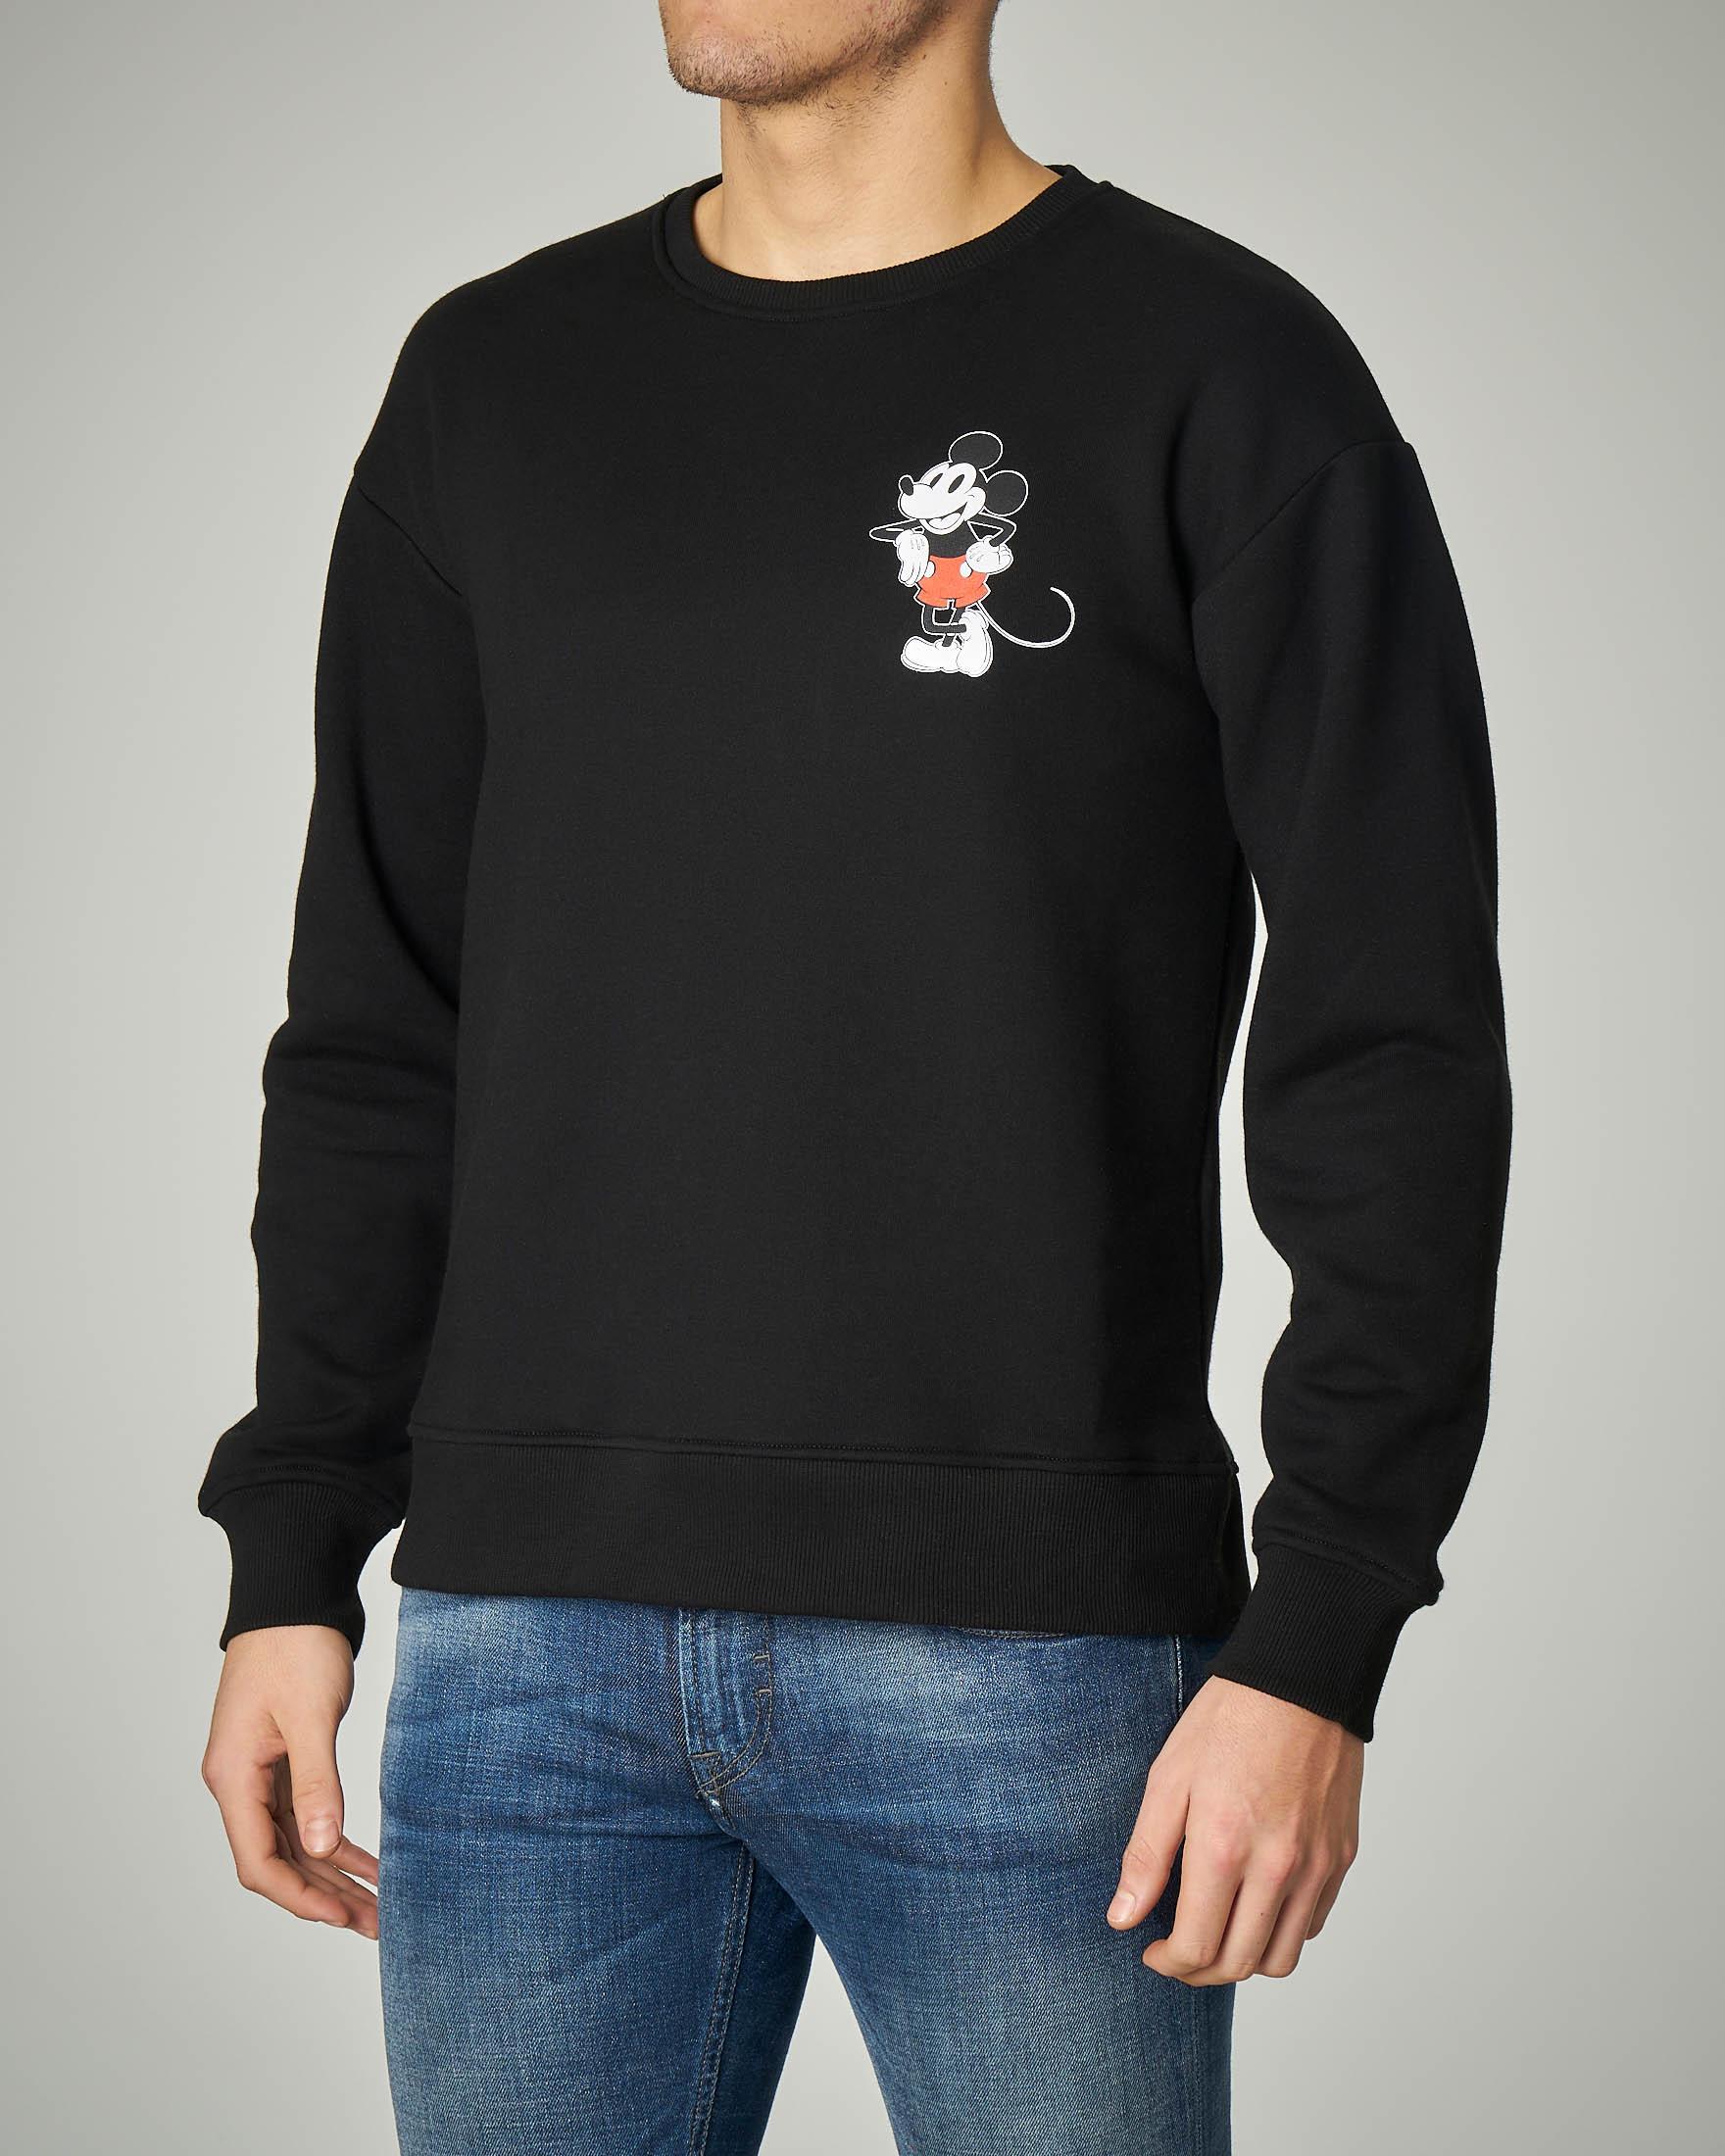 Felpa nera girocollo Mickey Mouse